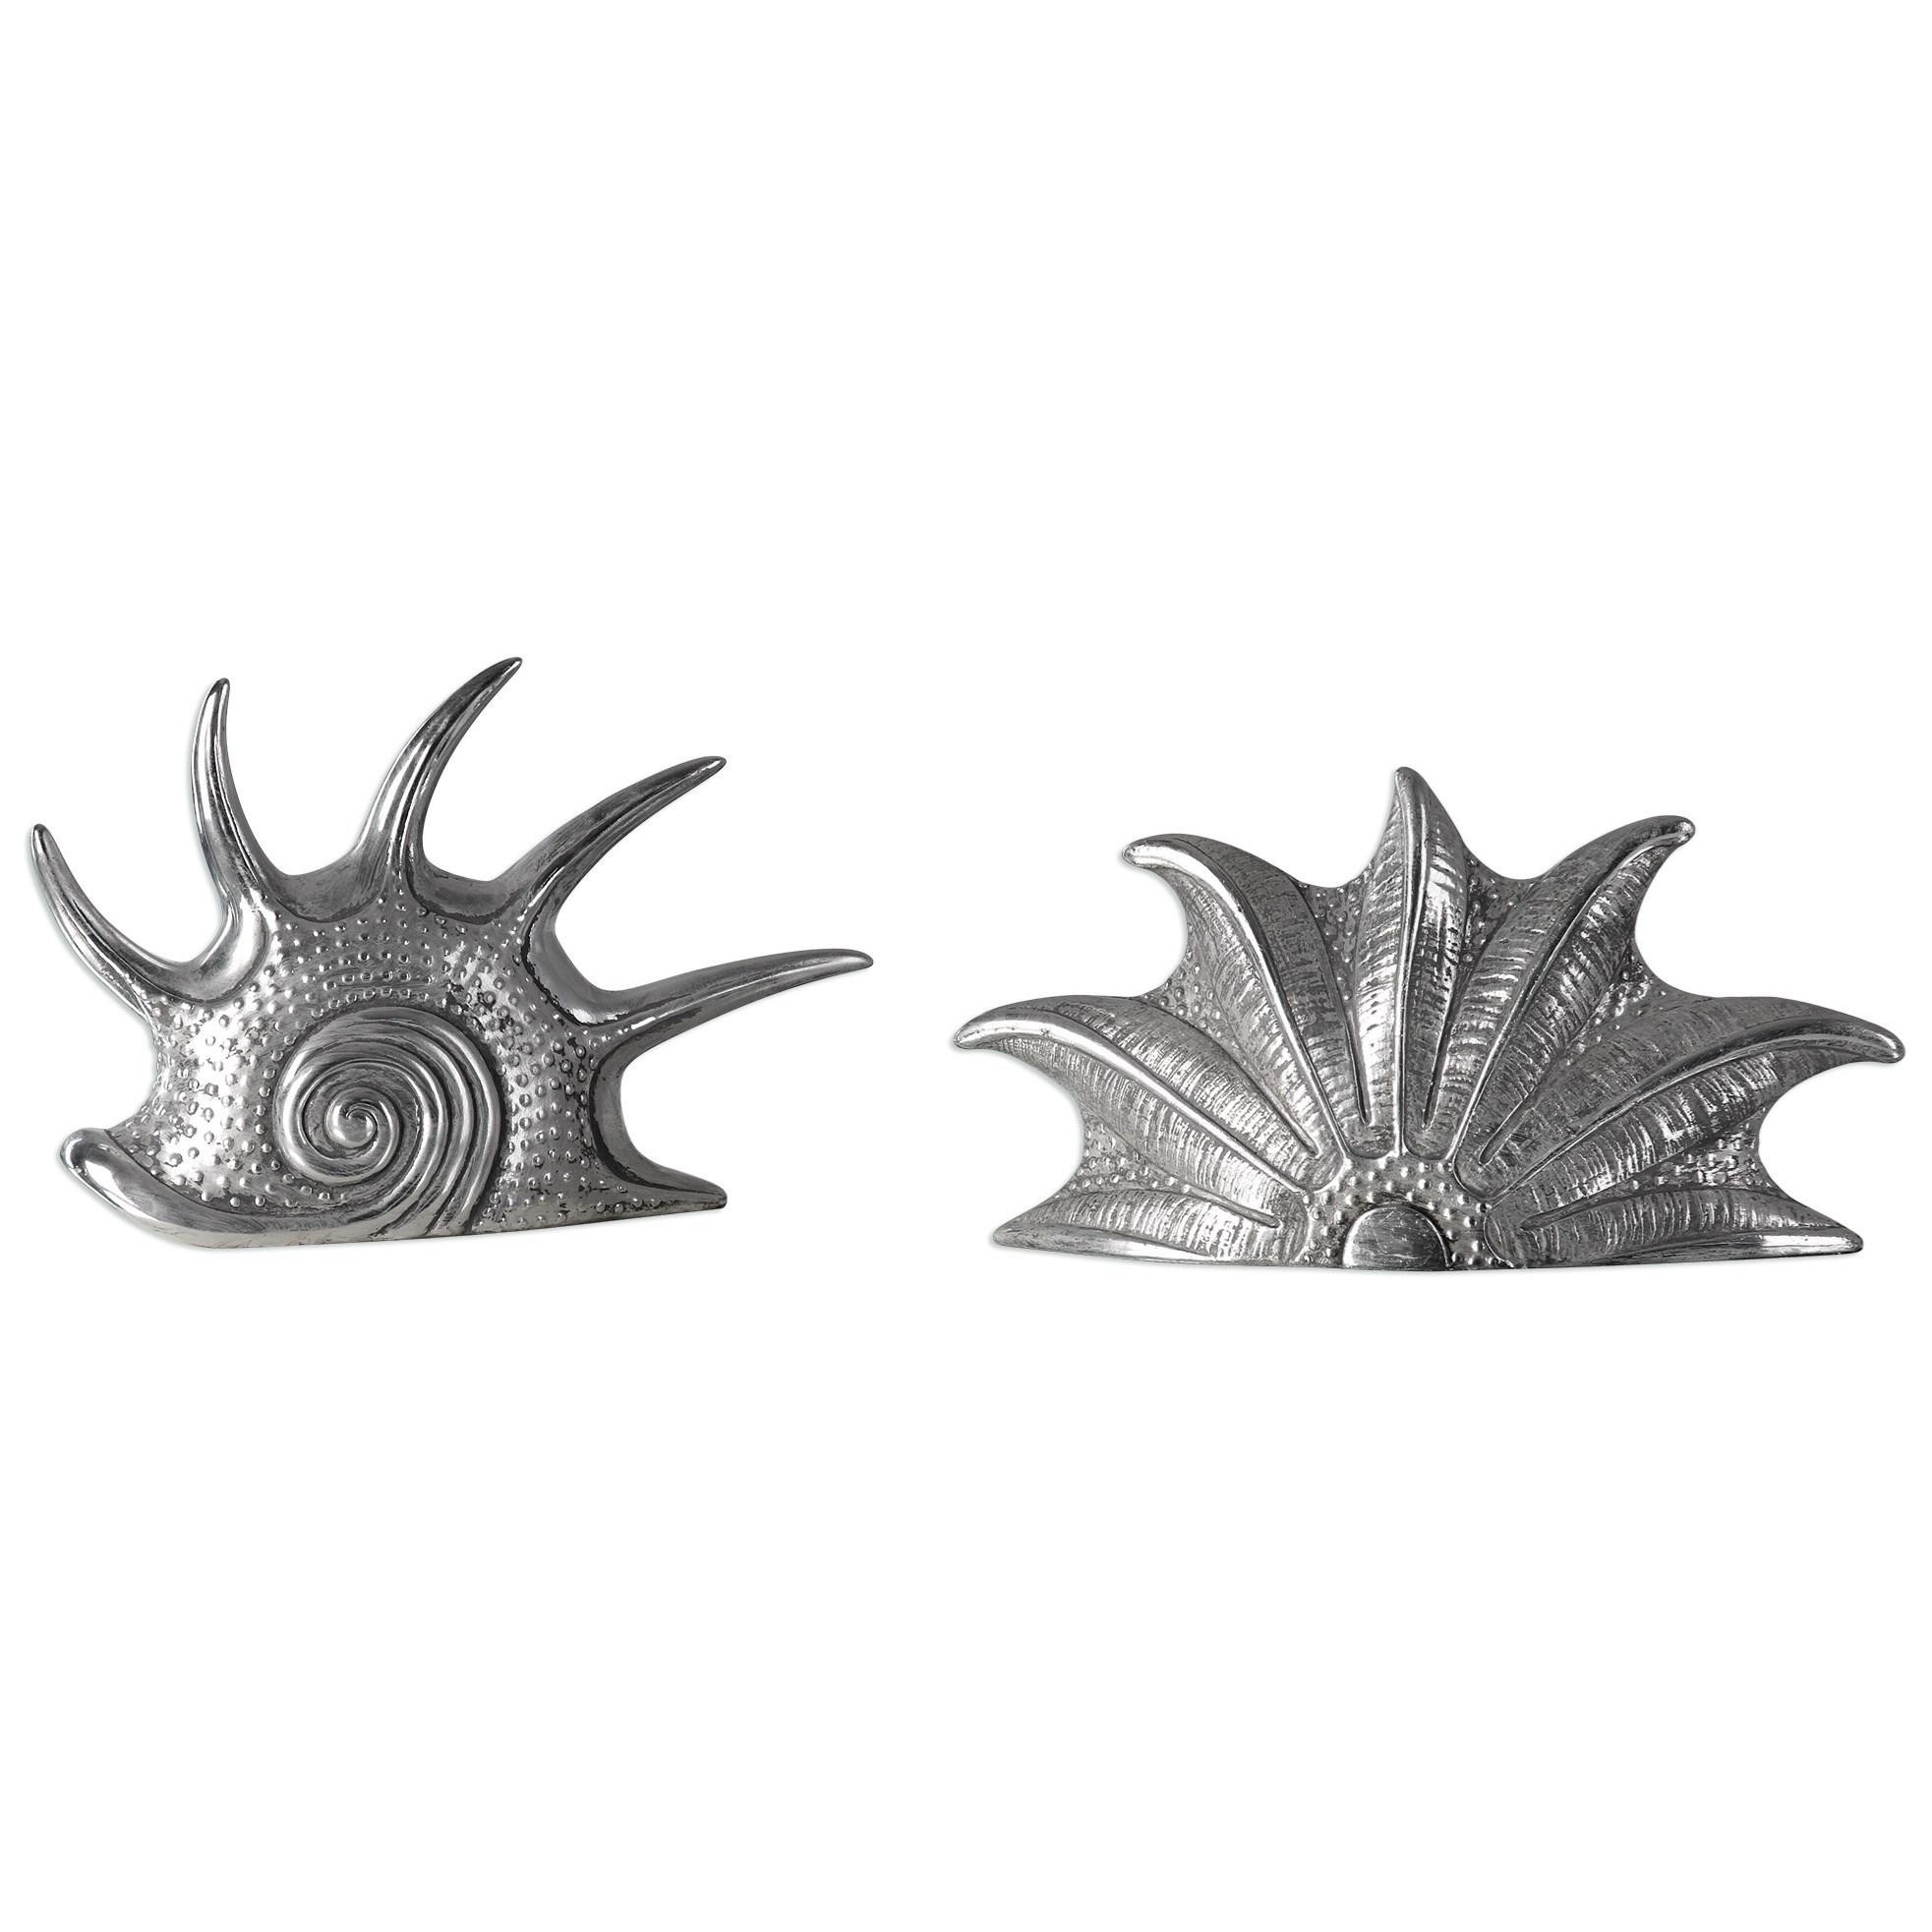 Uttermost Accessories Marine Mollusc (Set of 2) - Item Number: 20138